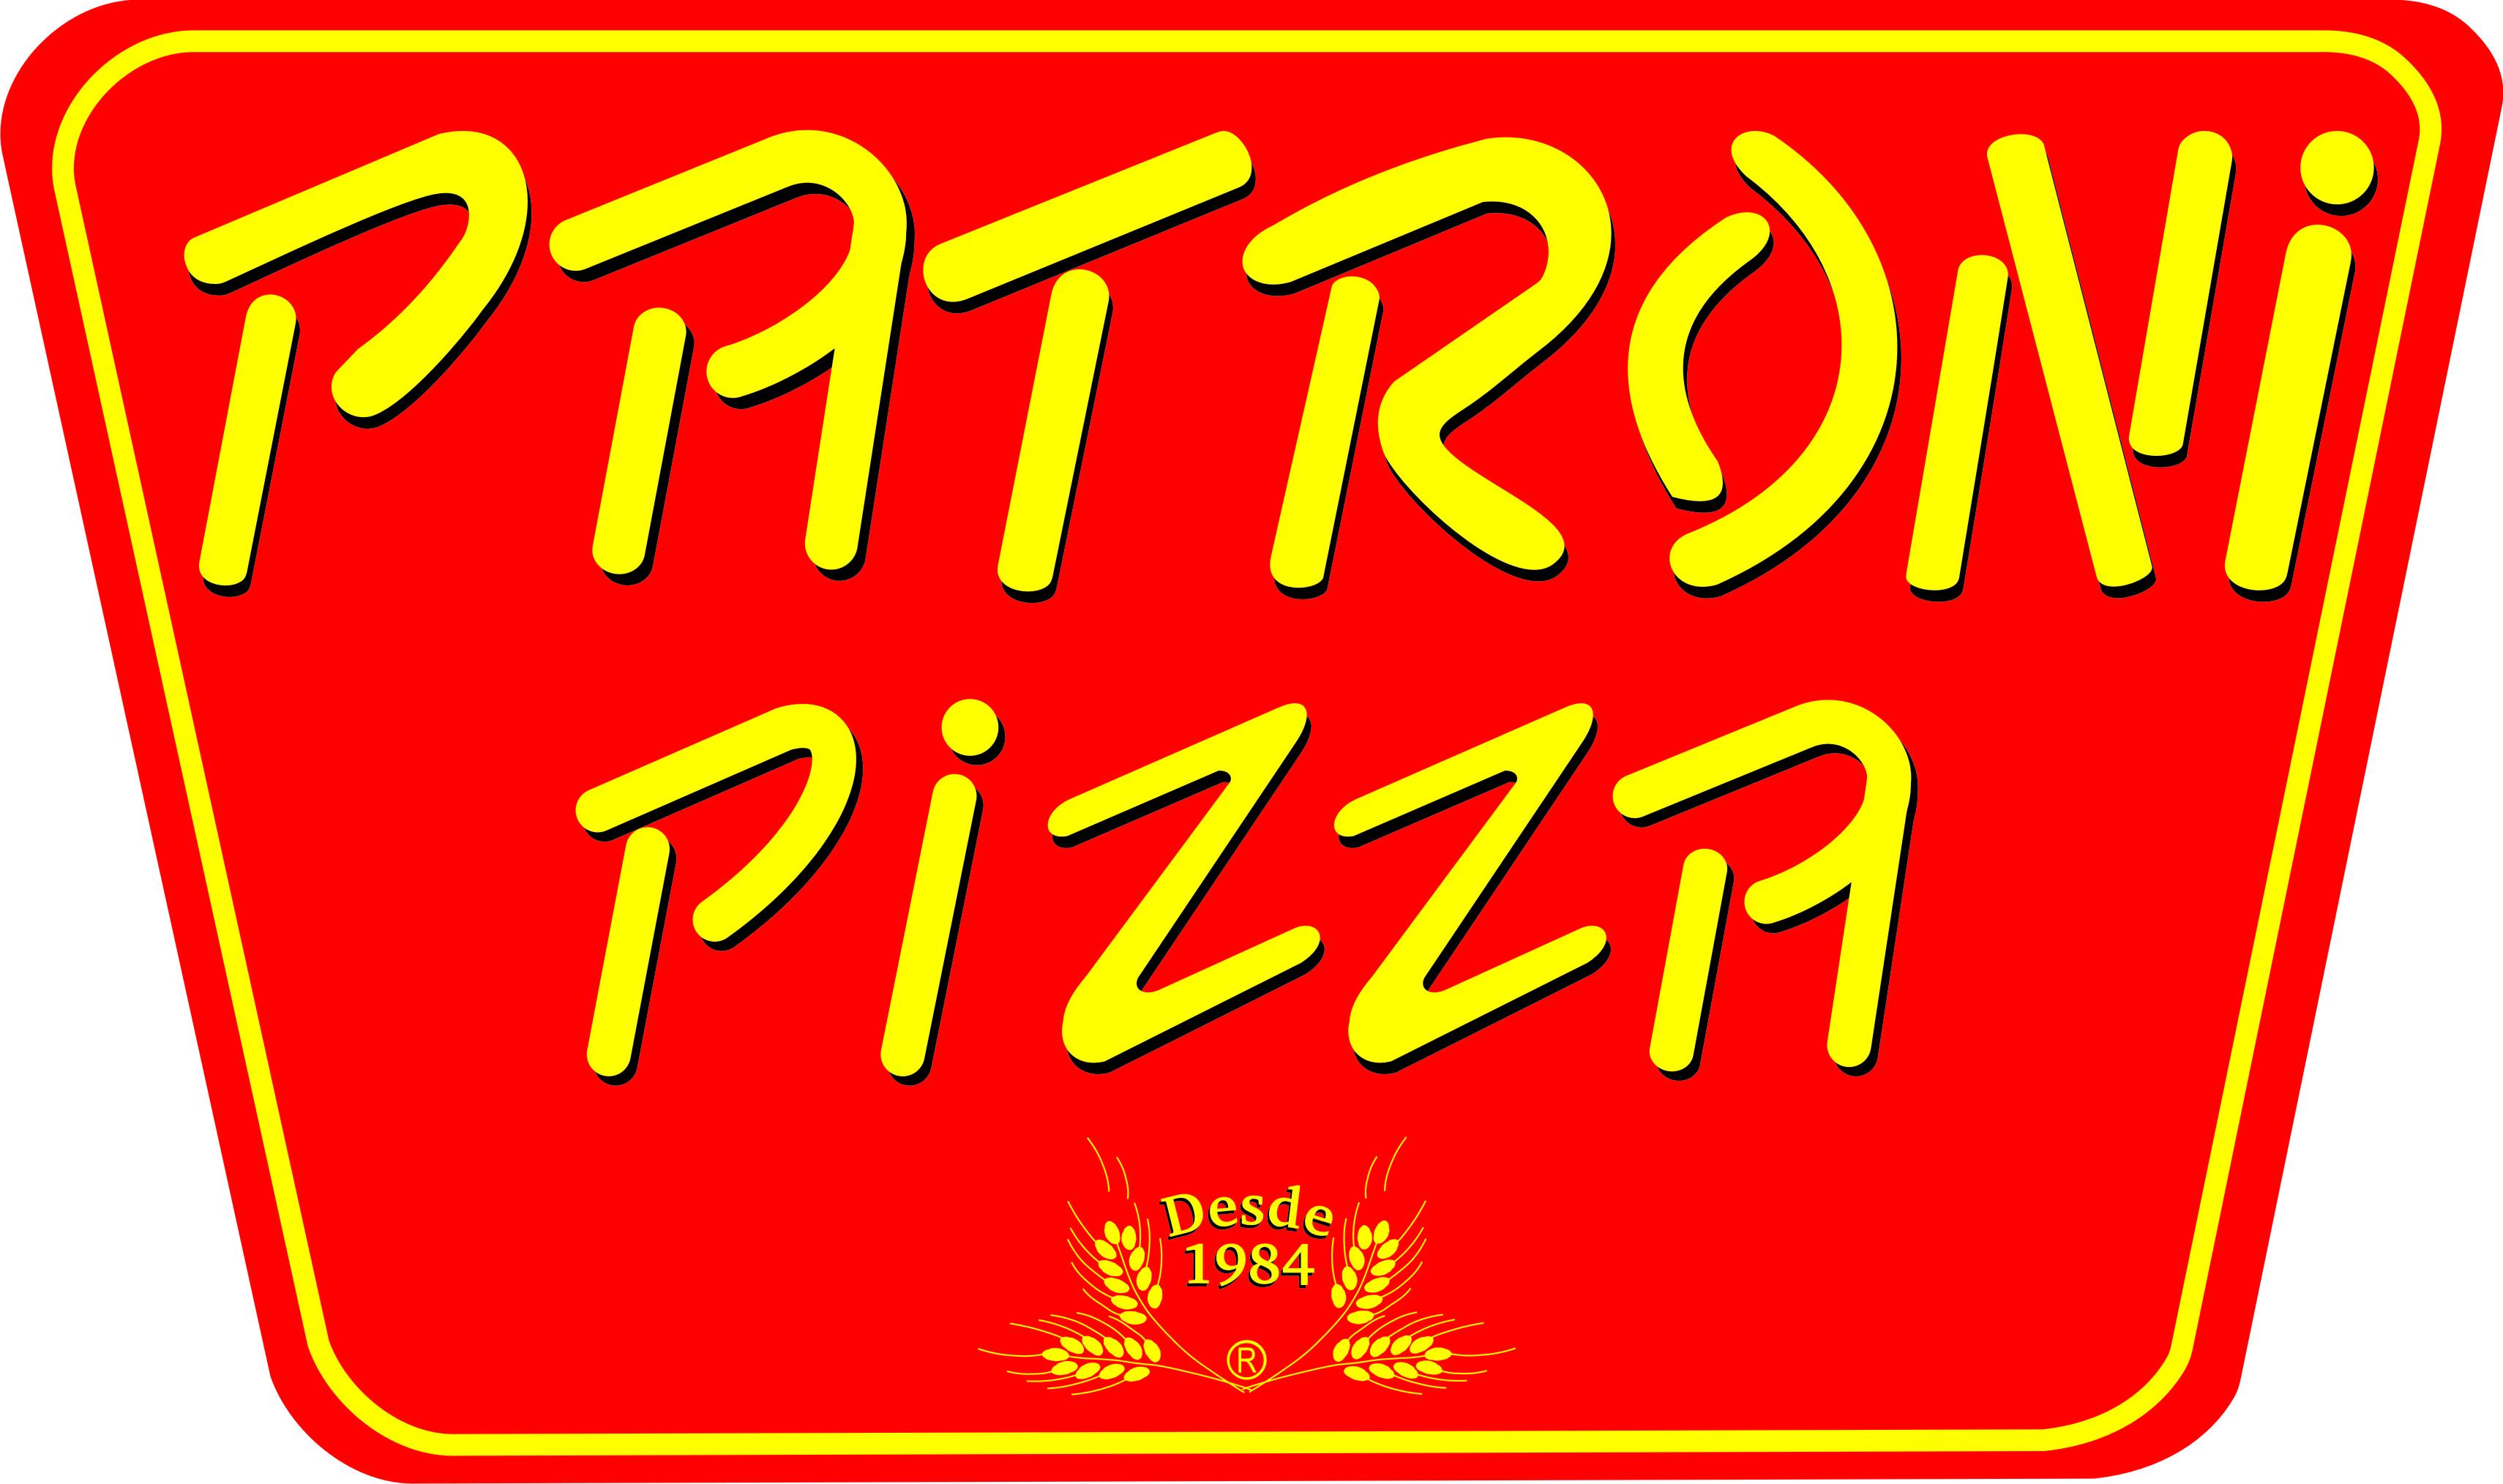 Franquia Patroni Pizza: preço, como abrir, investimento e retorno